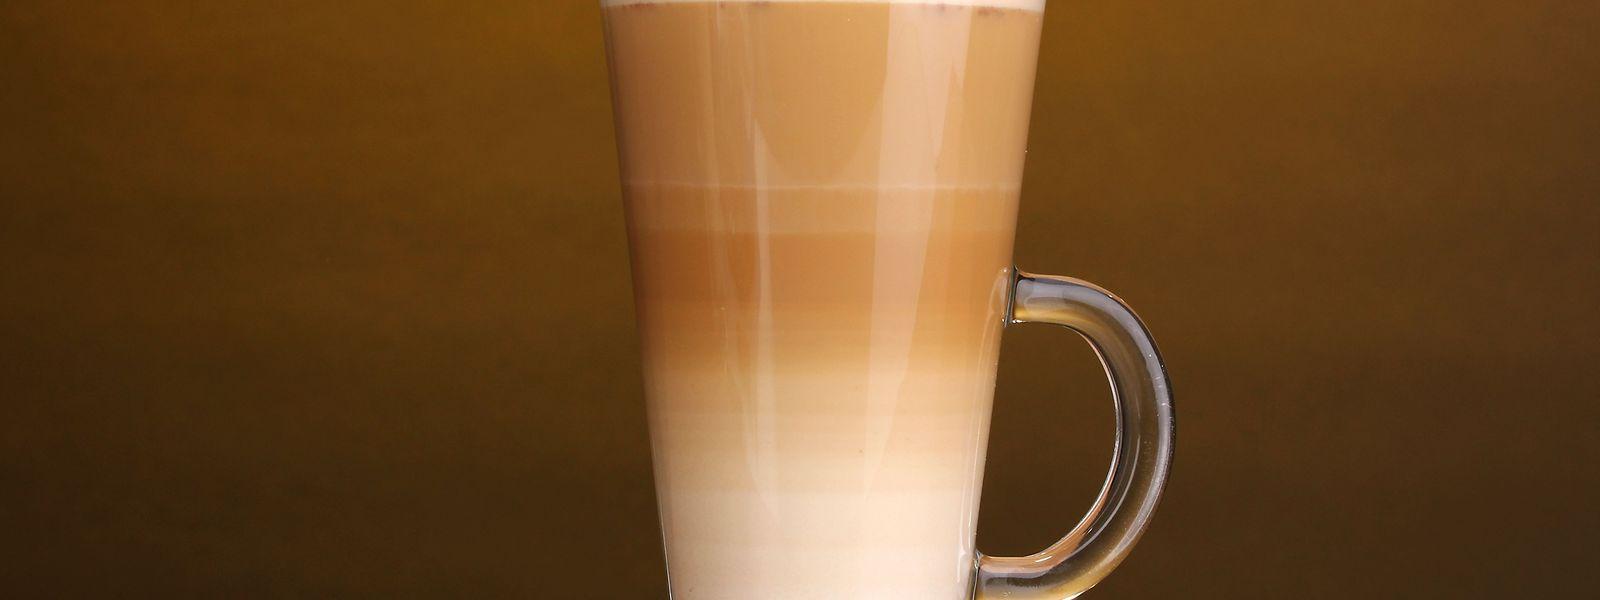 So sieht ein perfekt eingeschenkter Latte macchiato mit mehreren Schichten aus.